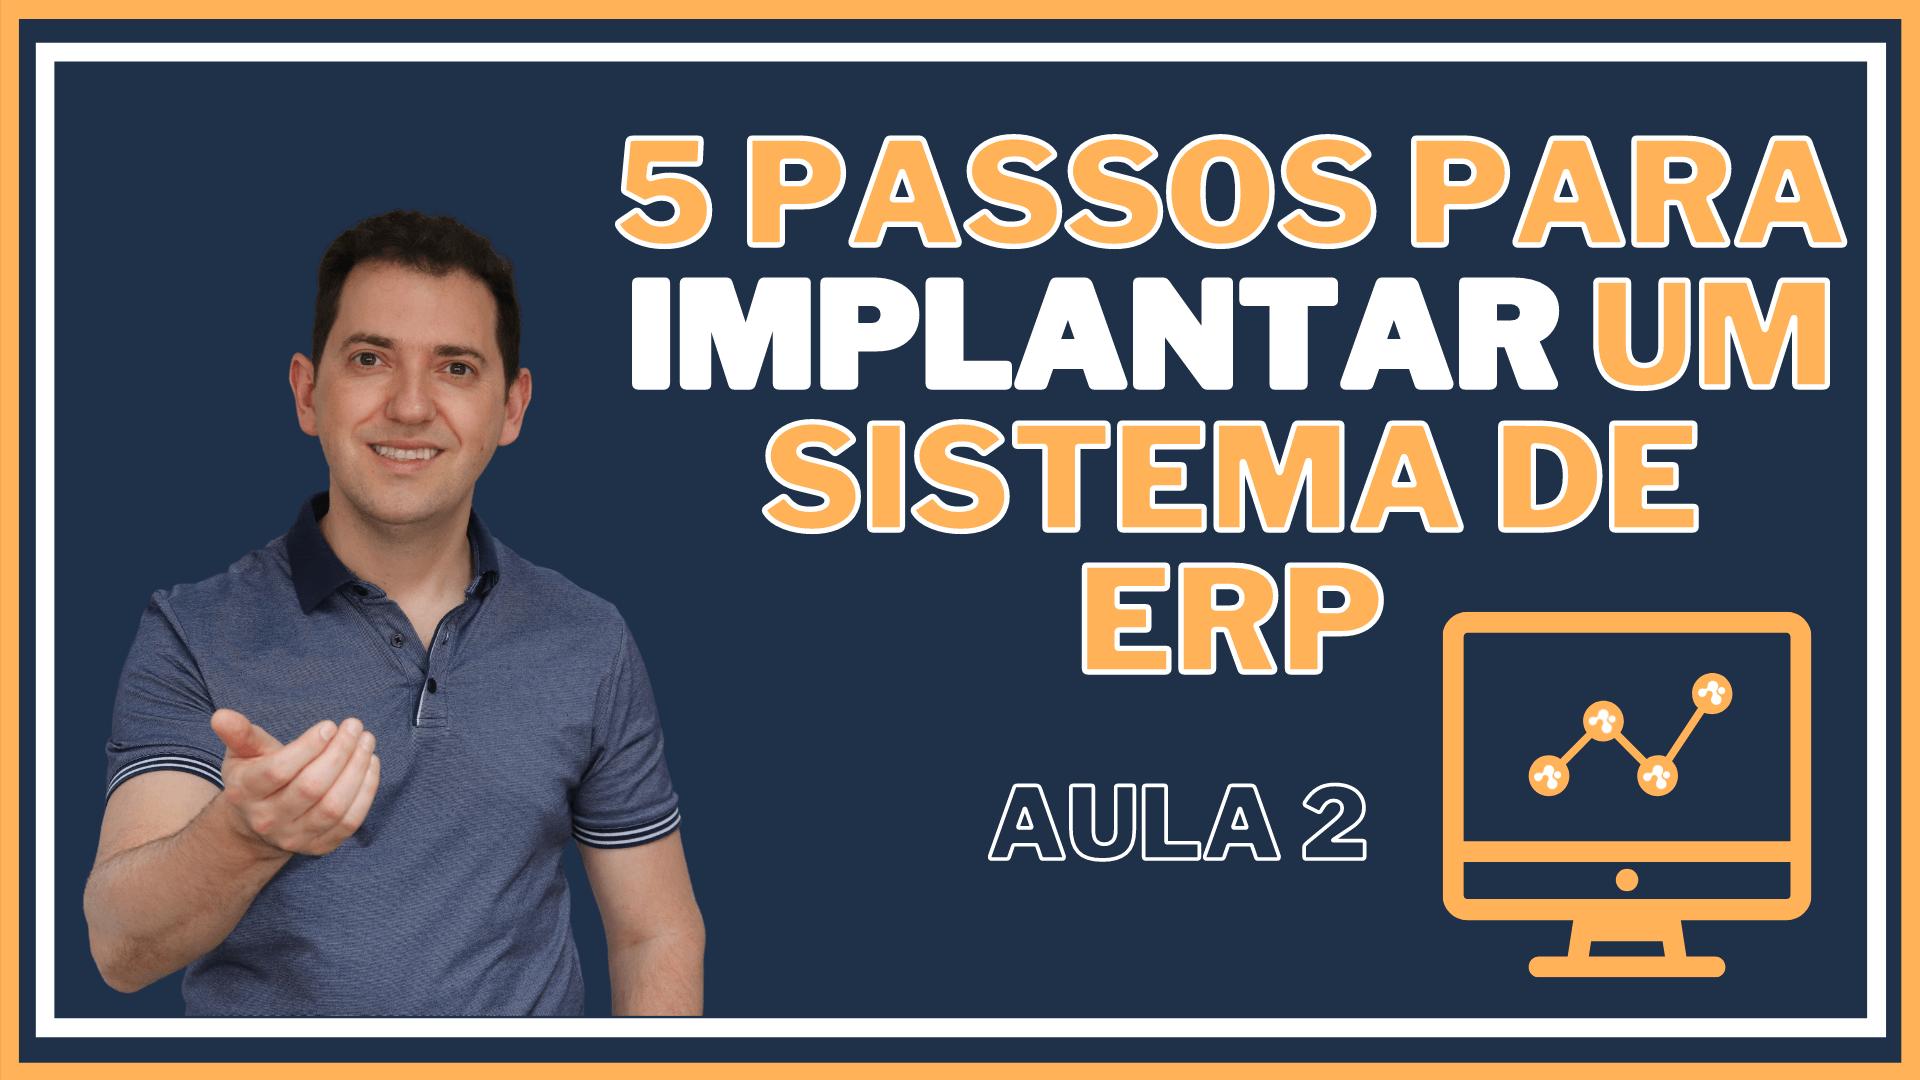 5 Passos para Implantar um Sistema de ERP